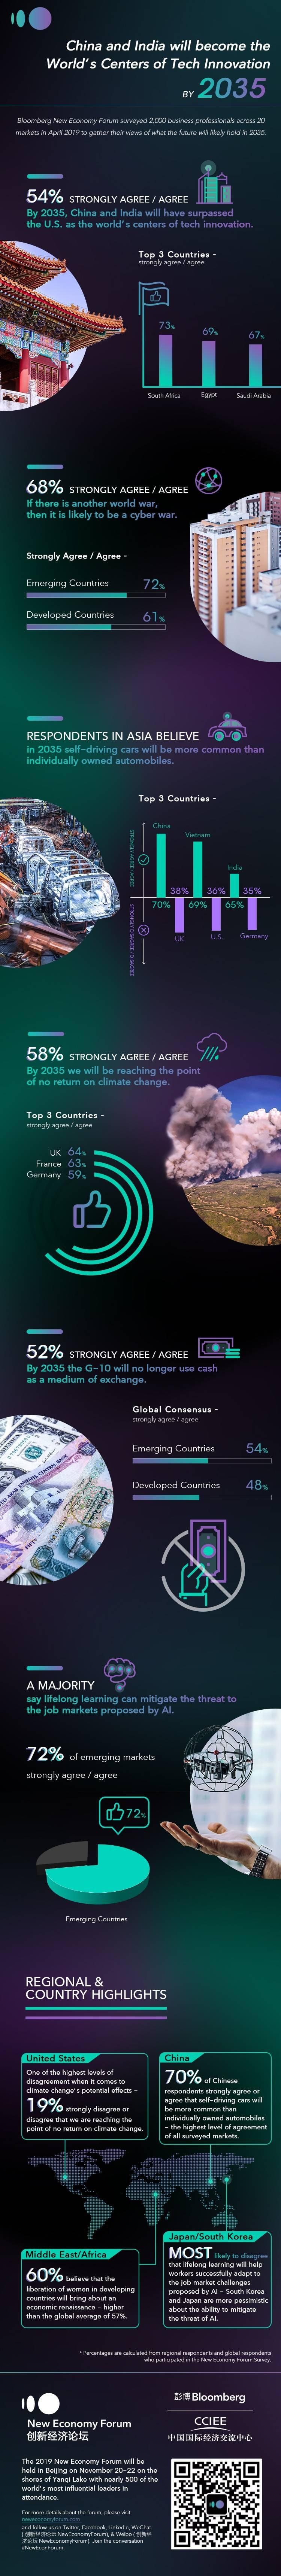 'The next world war is a cyber war' — Survey